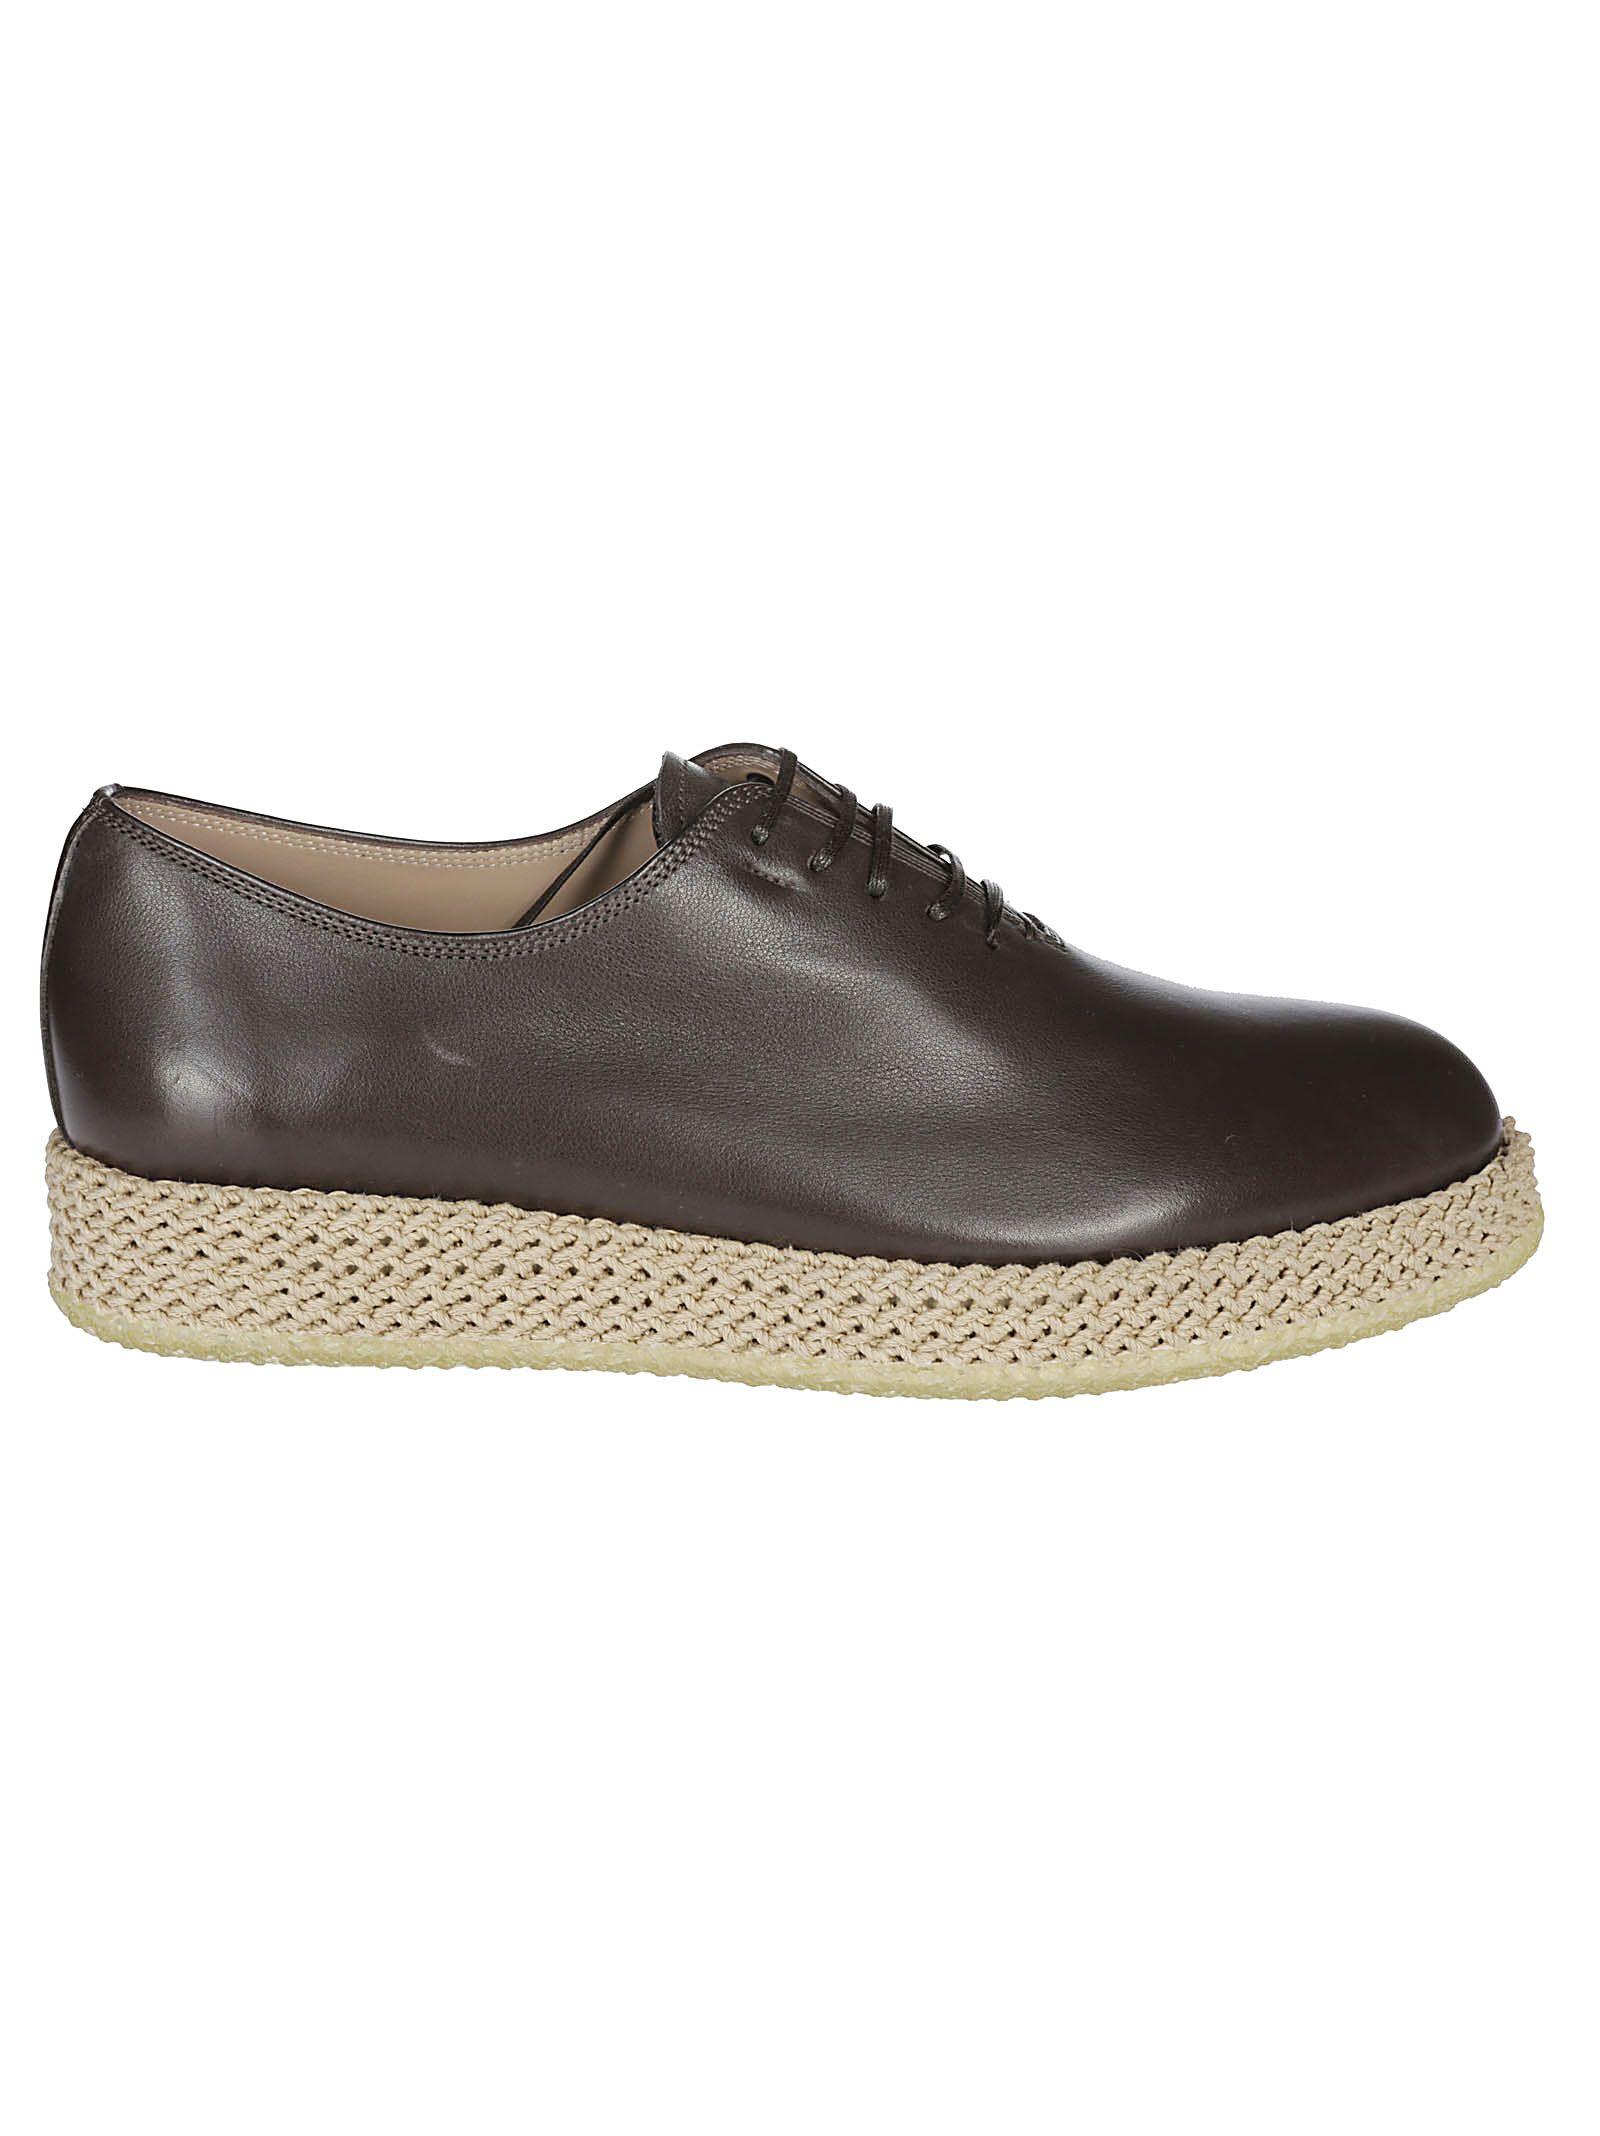 Salvatore Ferragamo Braided Detail Derby Shoes